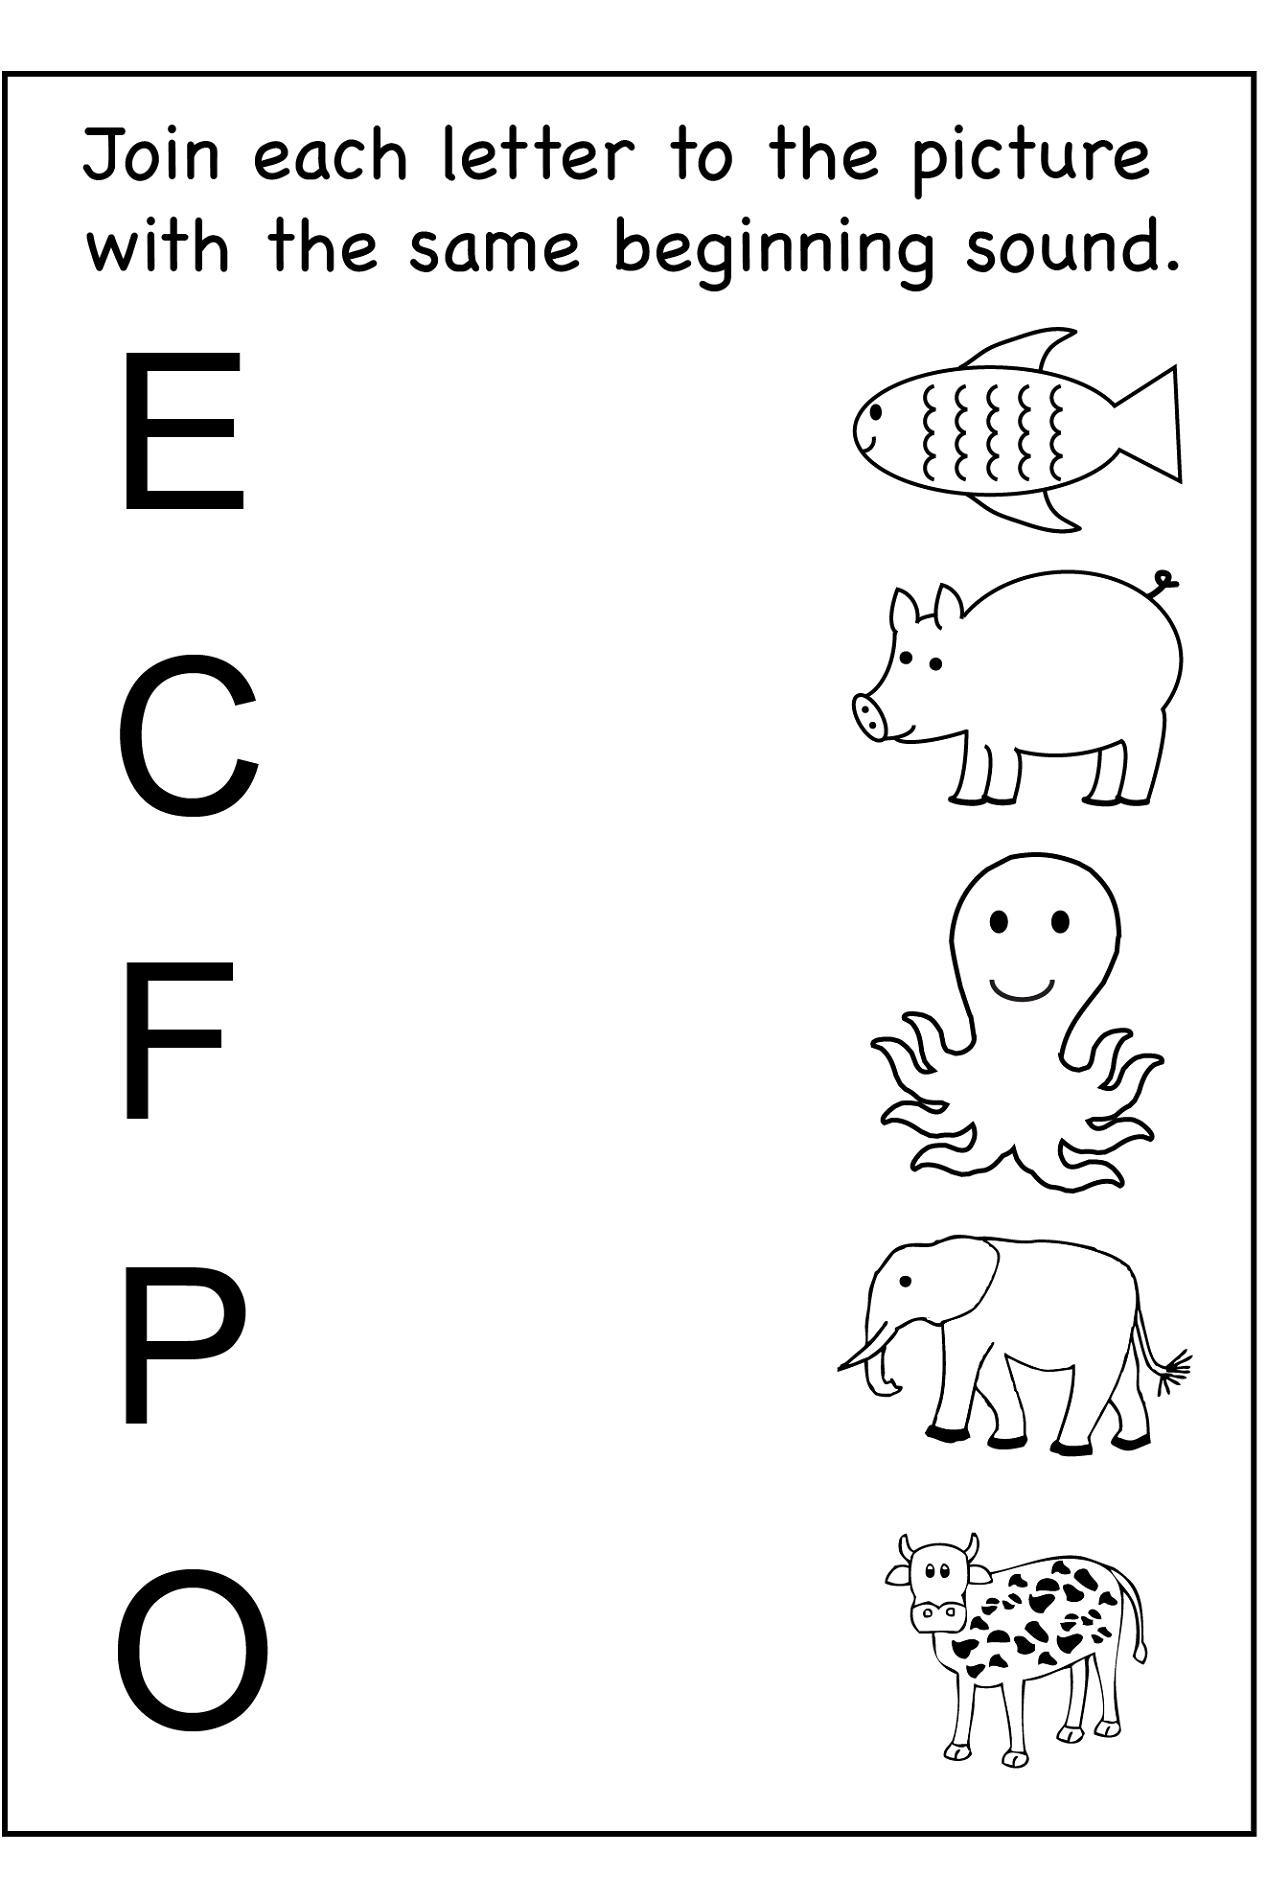 Printable Worksheets For Nursery Letter Worksheets